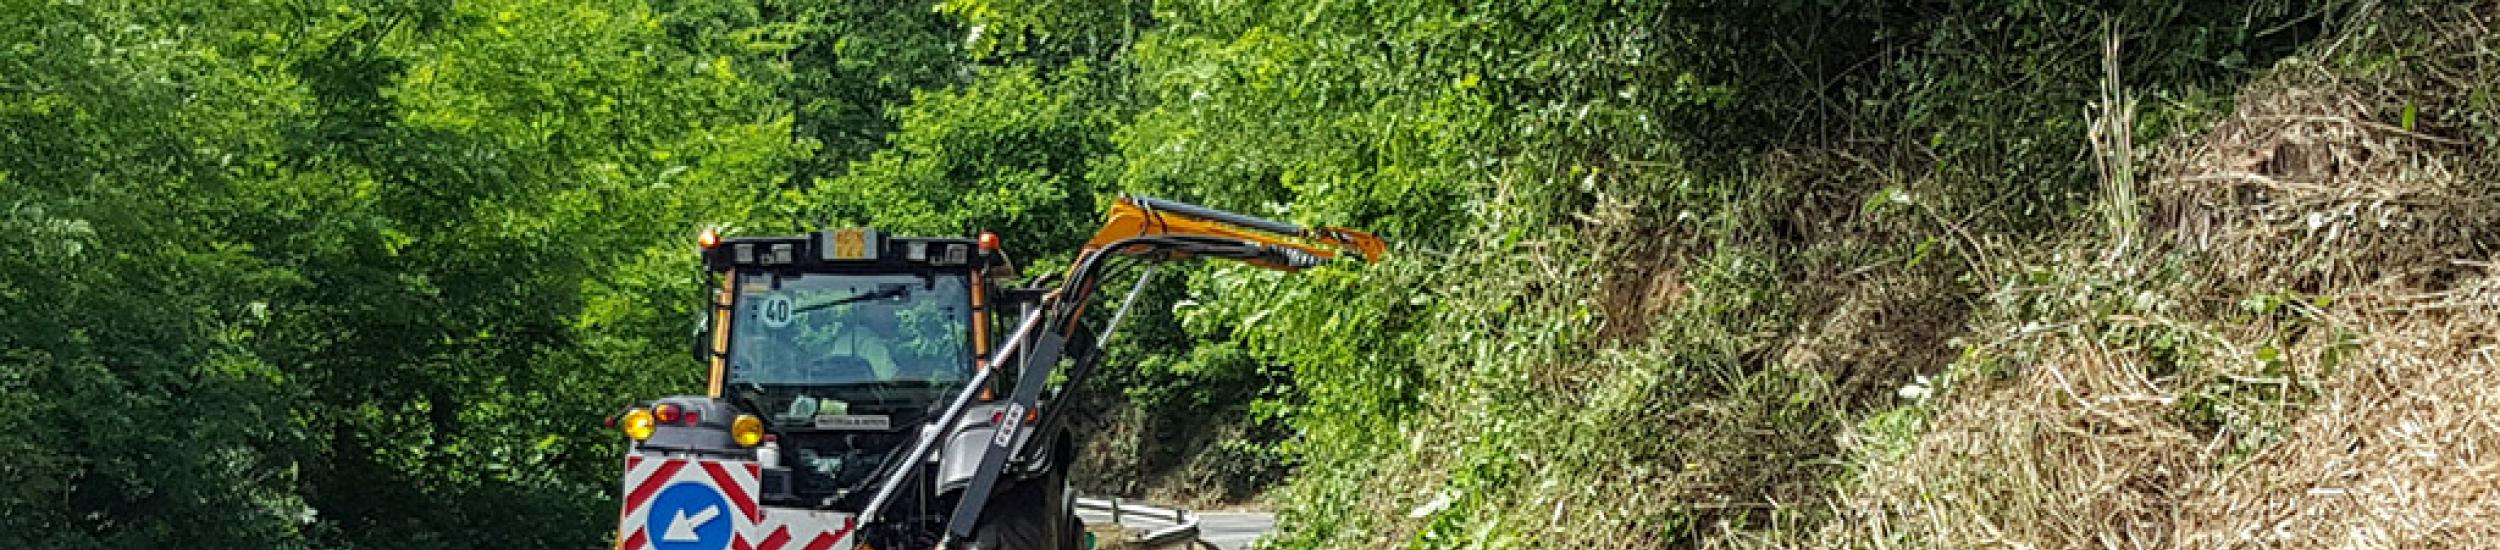 News: Valle stura, senso unico alternato per lavori forestali sulla sp 456 del turchino